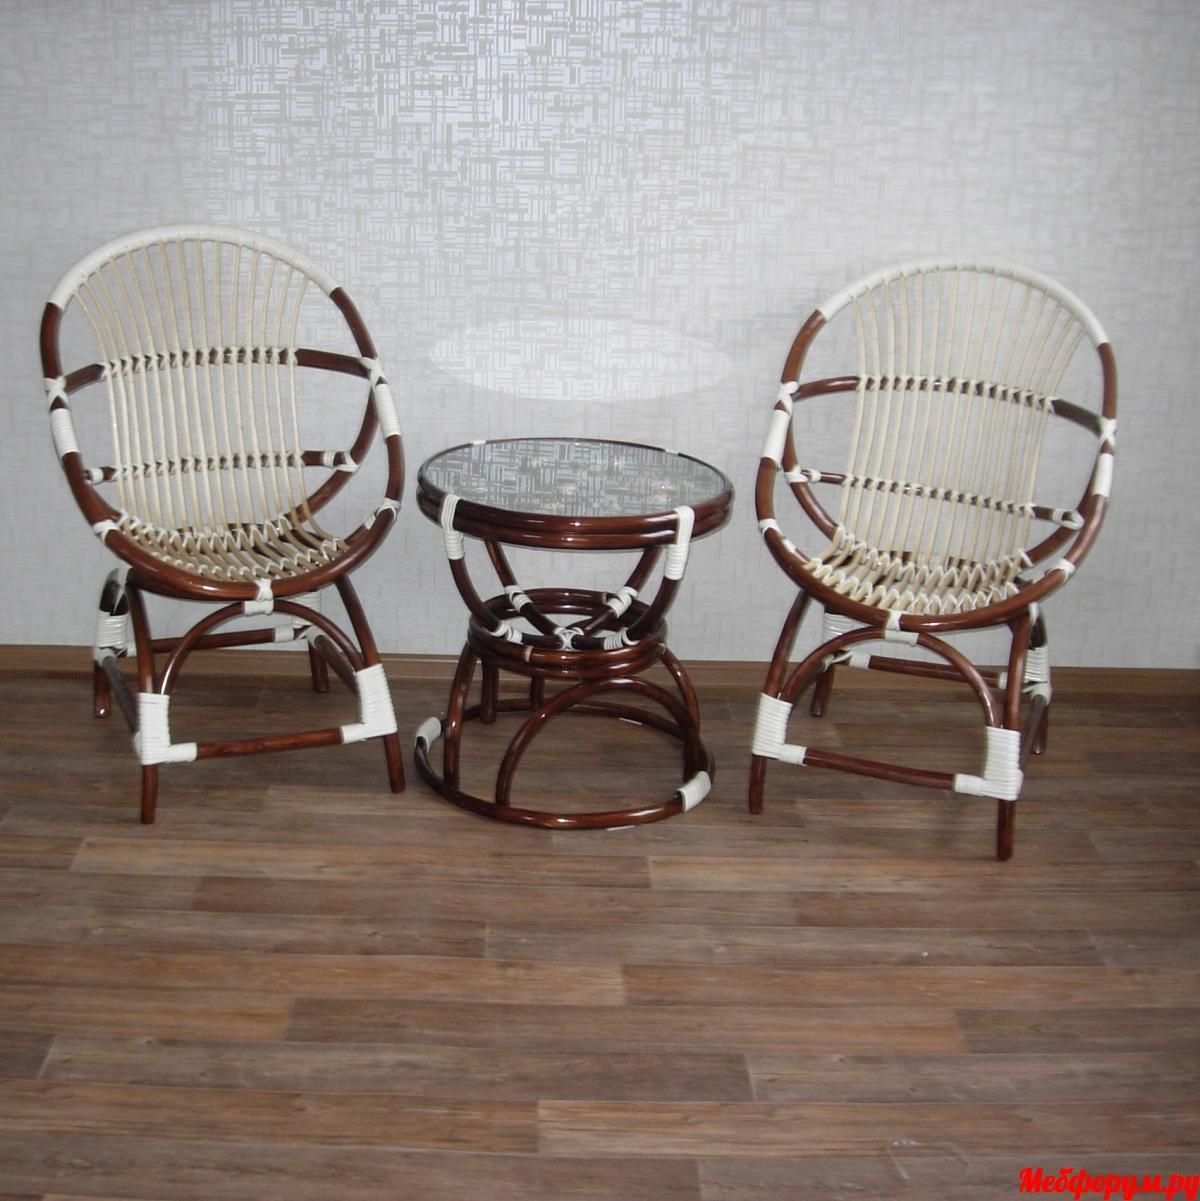 Кресла Ракушки и стол Песочные часы с морским дном.JPG